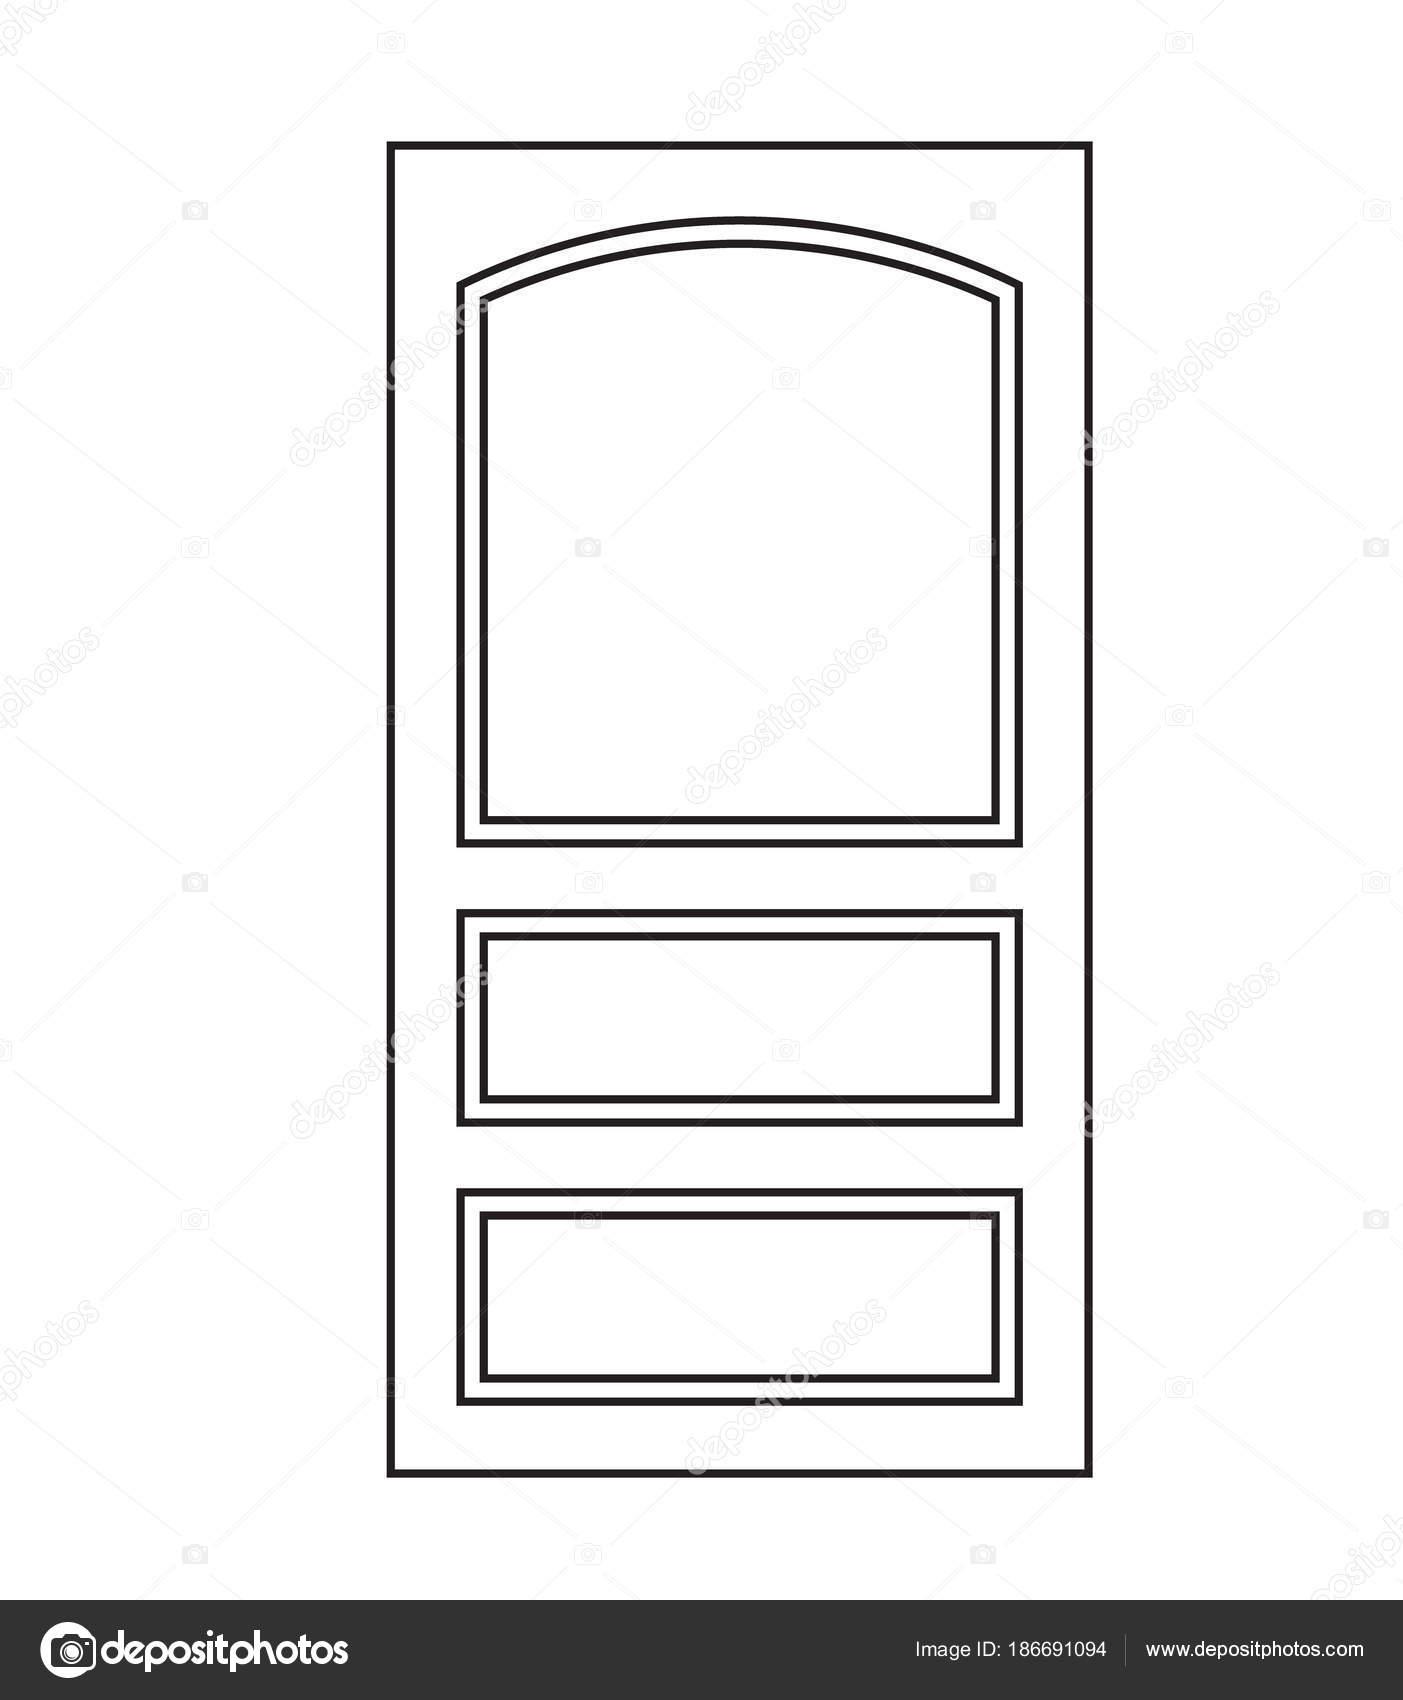 старая дверь икона изолированных иллюстрация вектор закрыть вверх